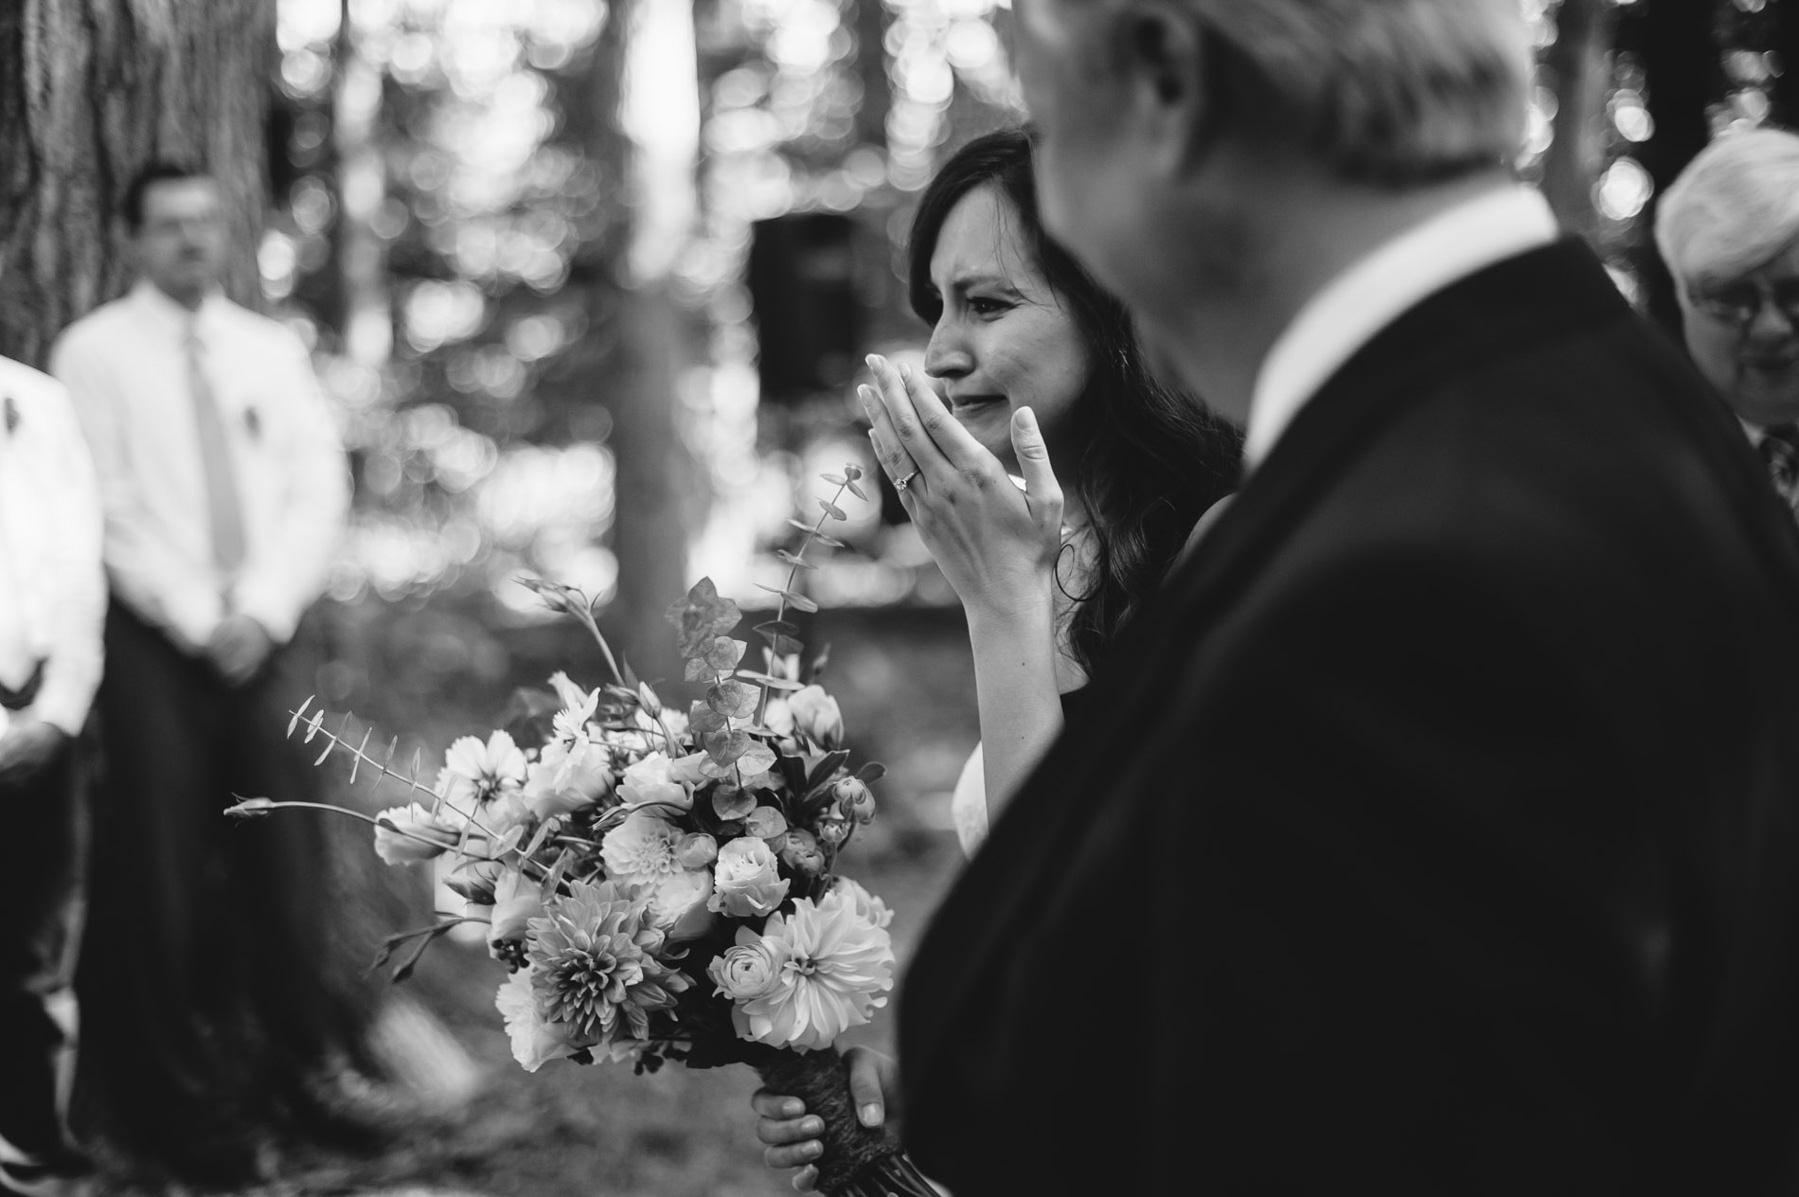 wv weddings ceremonies